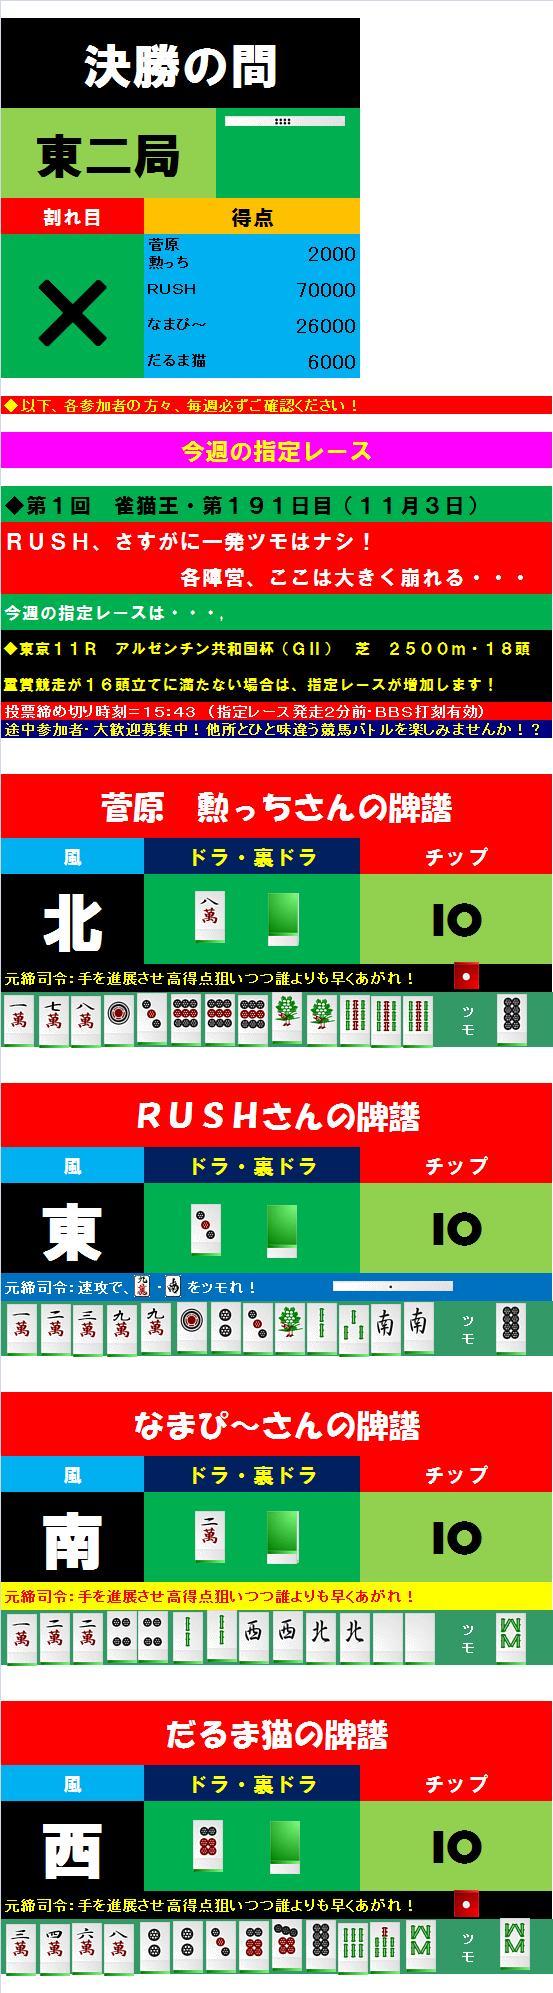 20131031・決勝牌譜.jpg